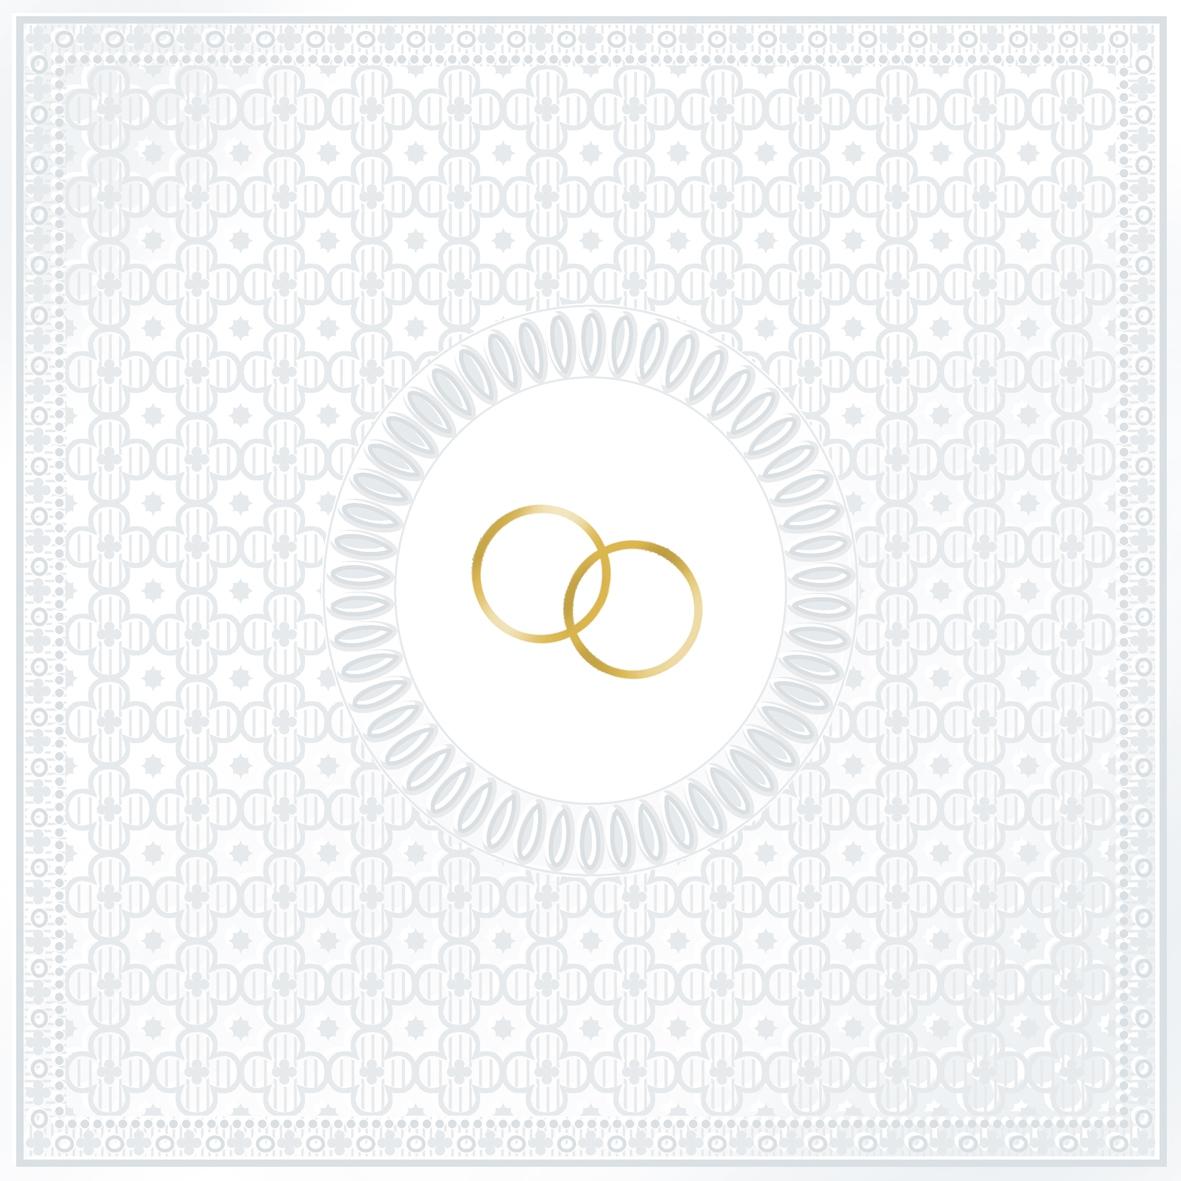 Servietten nach Ereignissen,   geprägte Servietten,  Ereignisse - Hochzeit,  Everyday,  lunchservietten,  Hochzeit,  Ringe